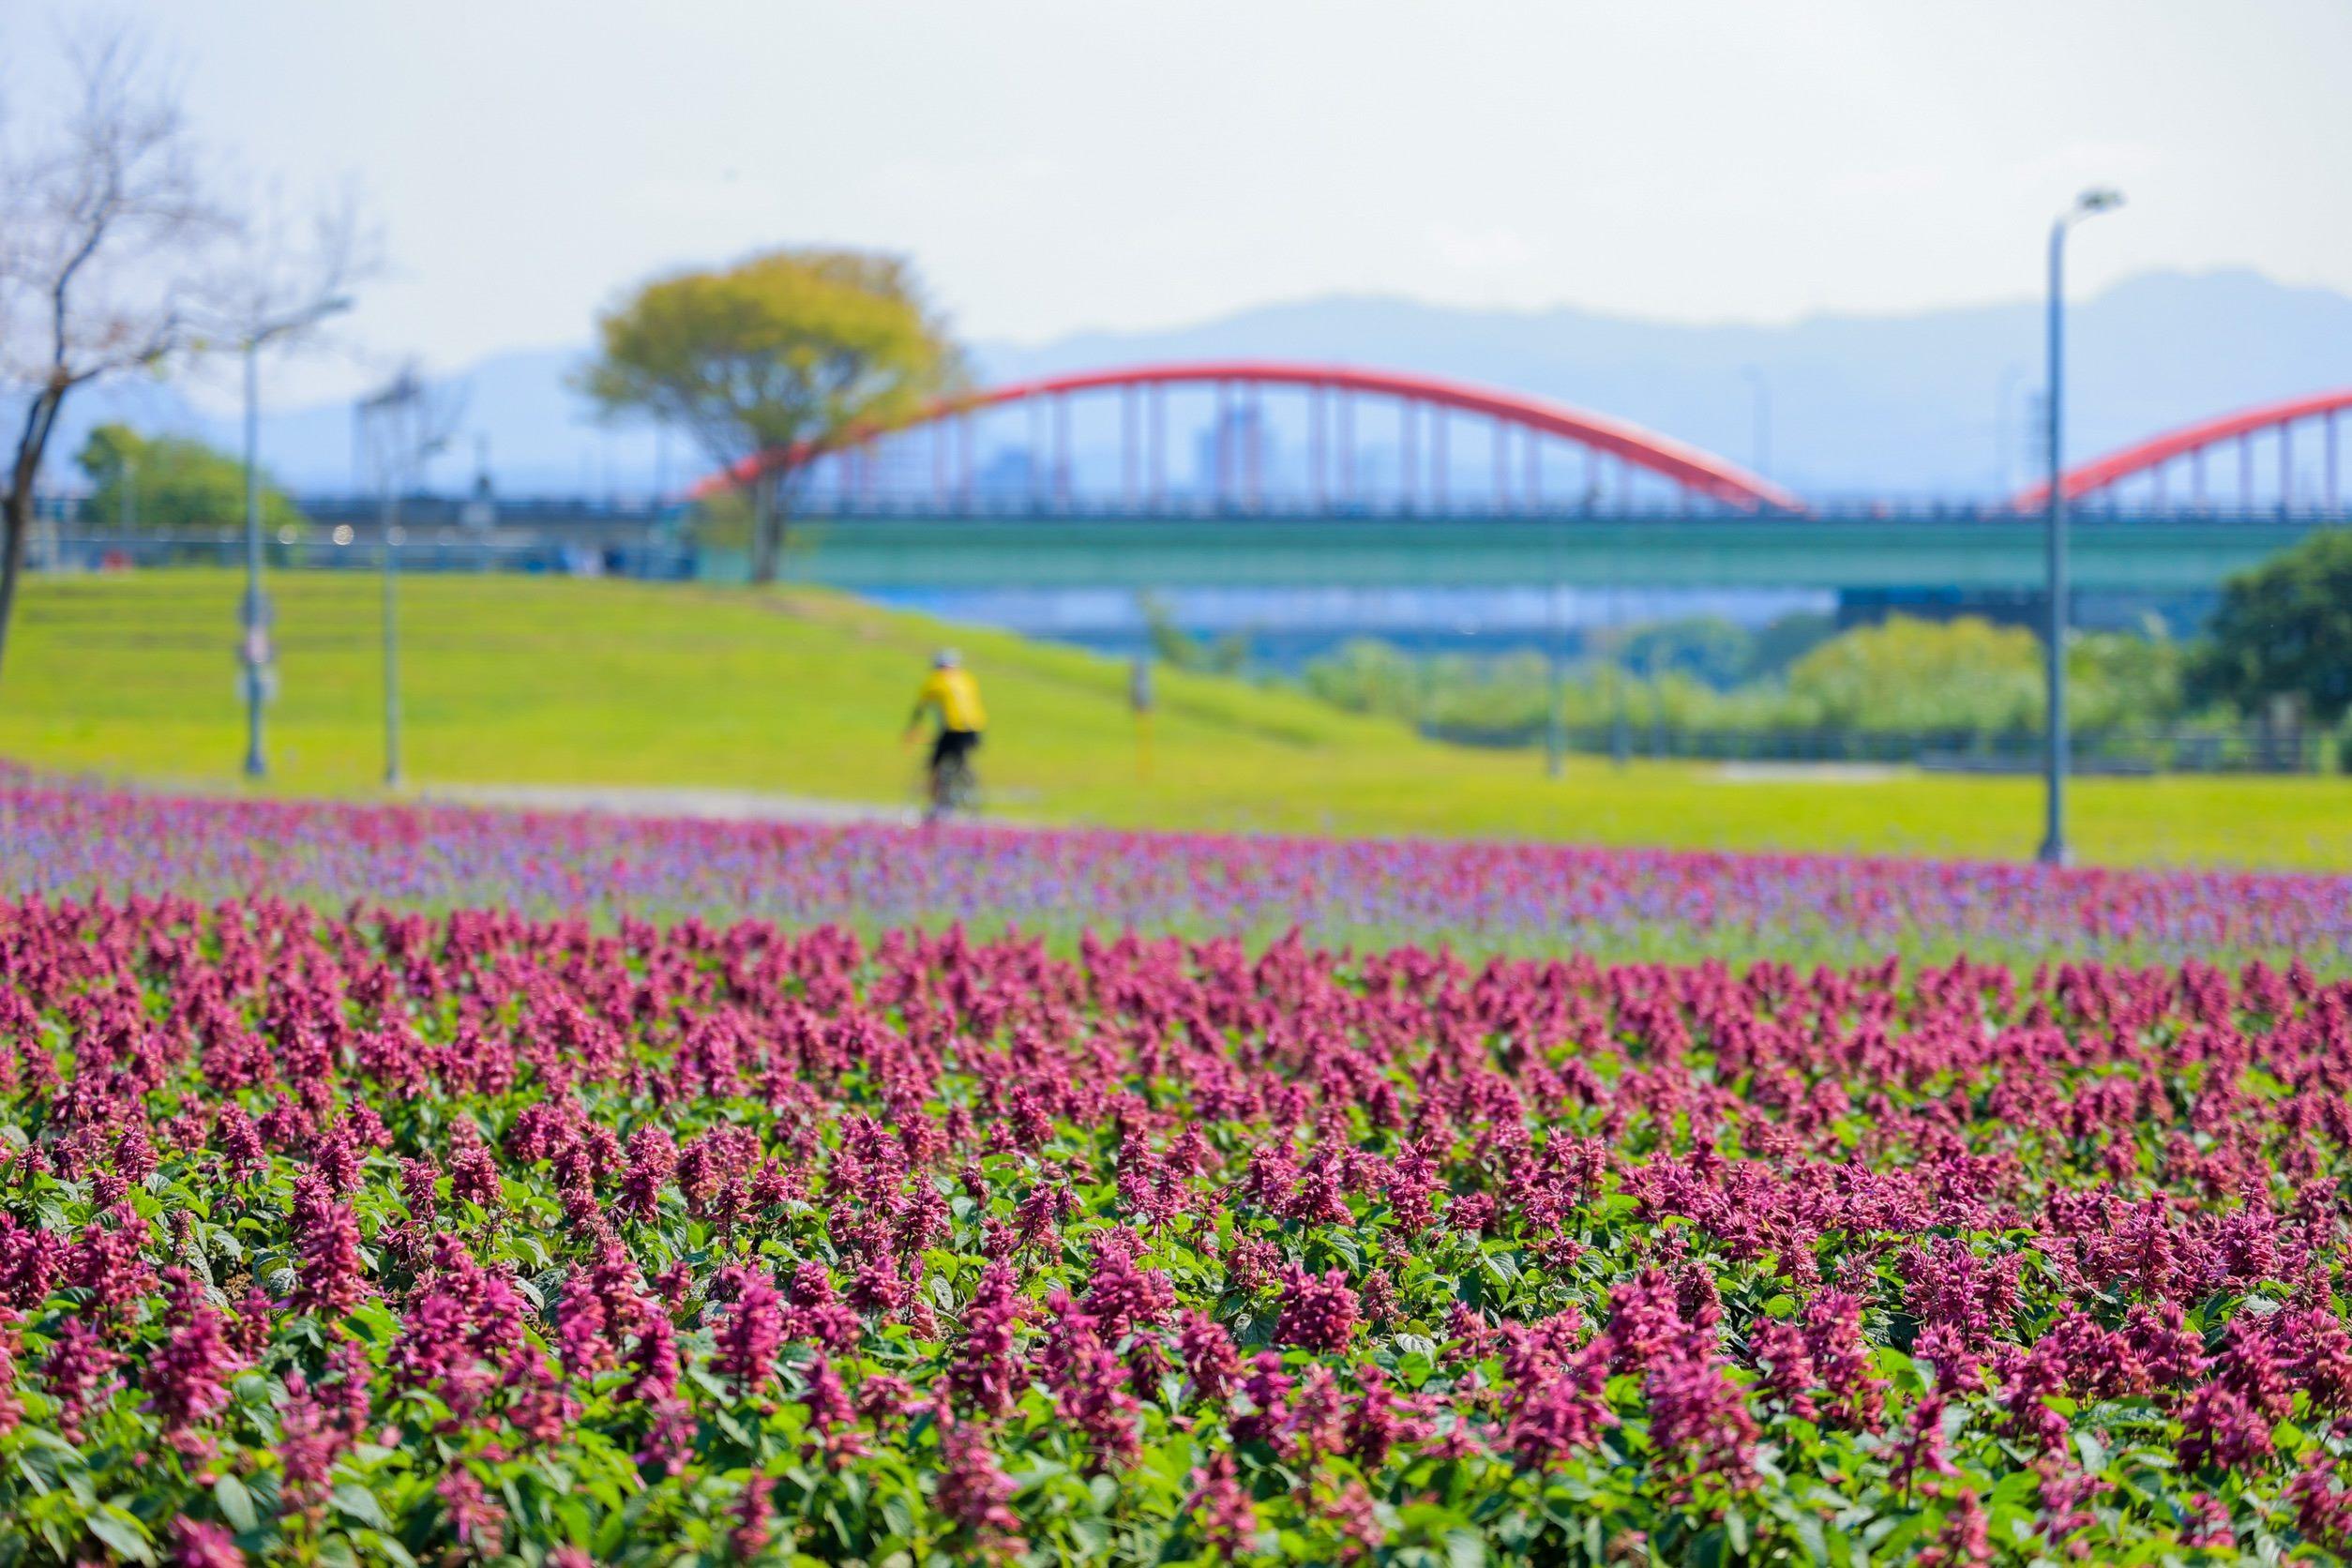 古亭河濱公園。新店溪畔紫色花海 13萬盆草花觀賞期至3月下旬